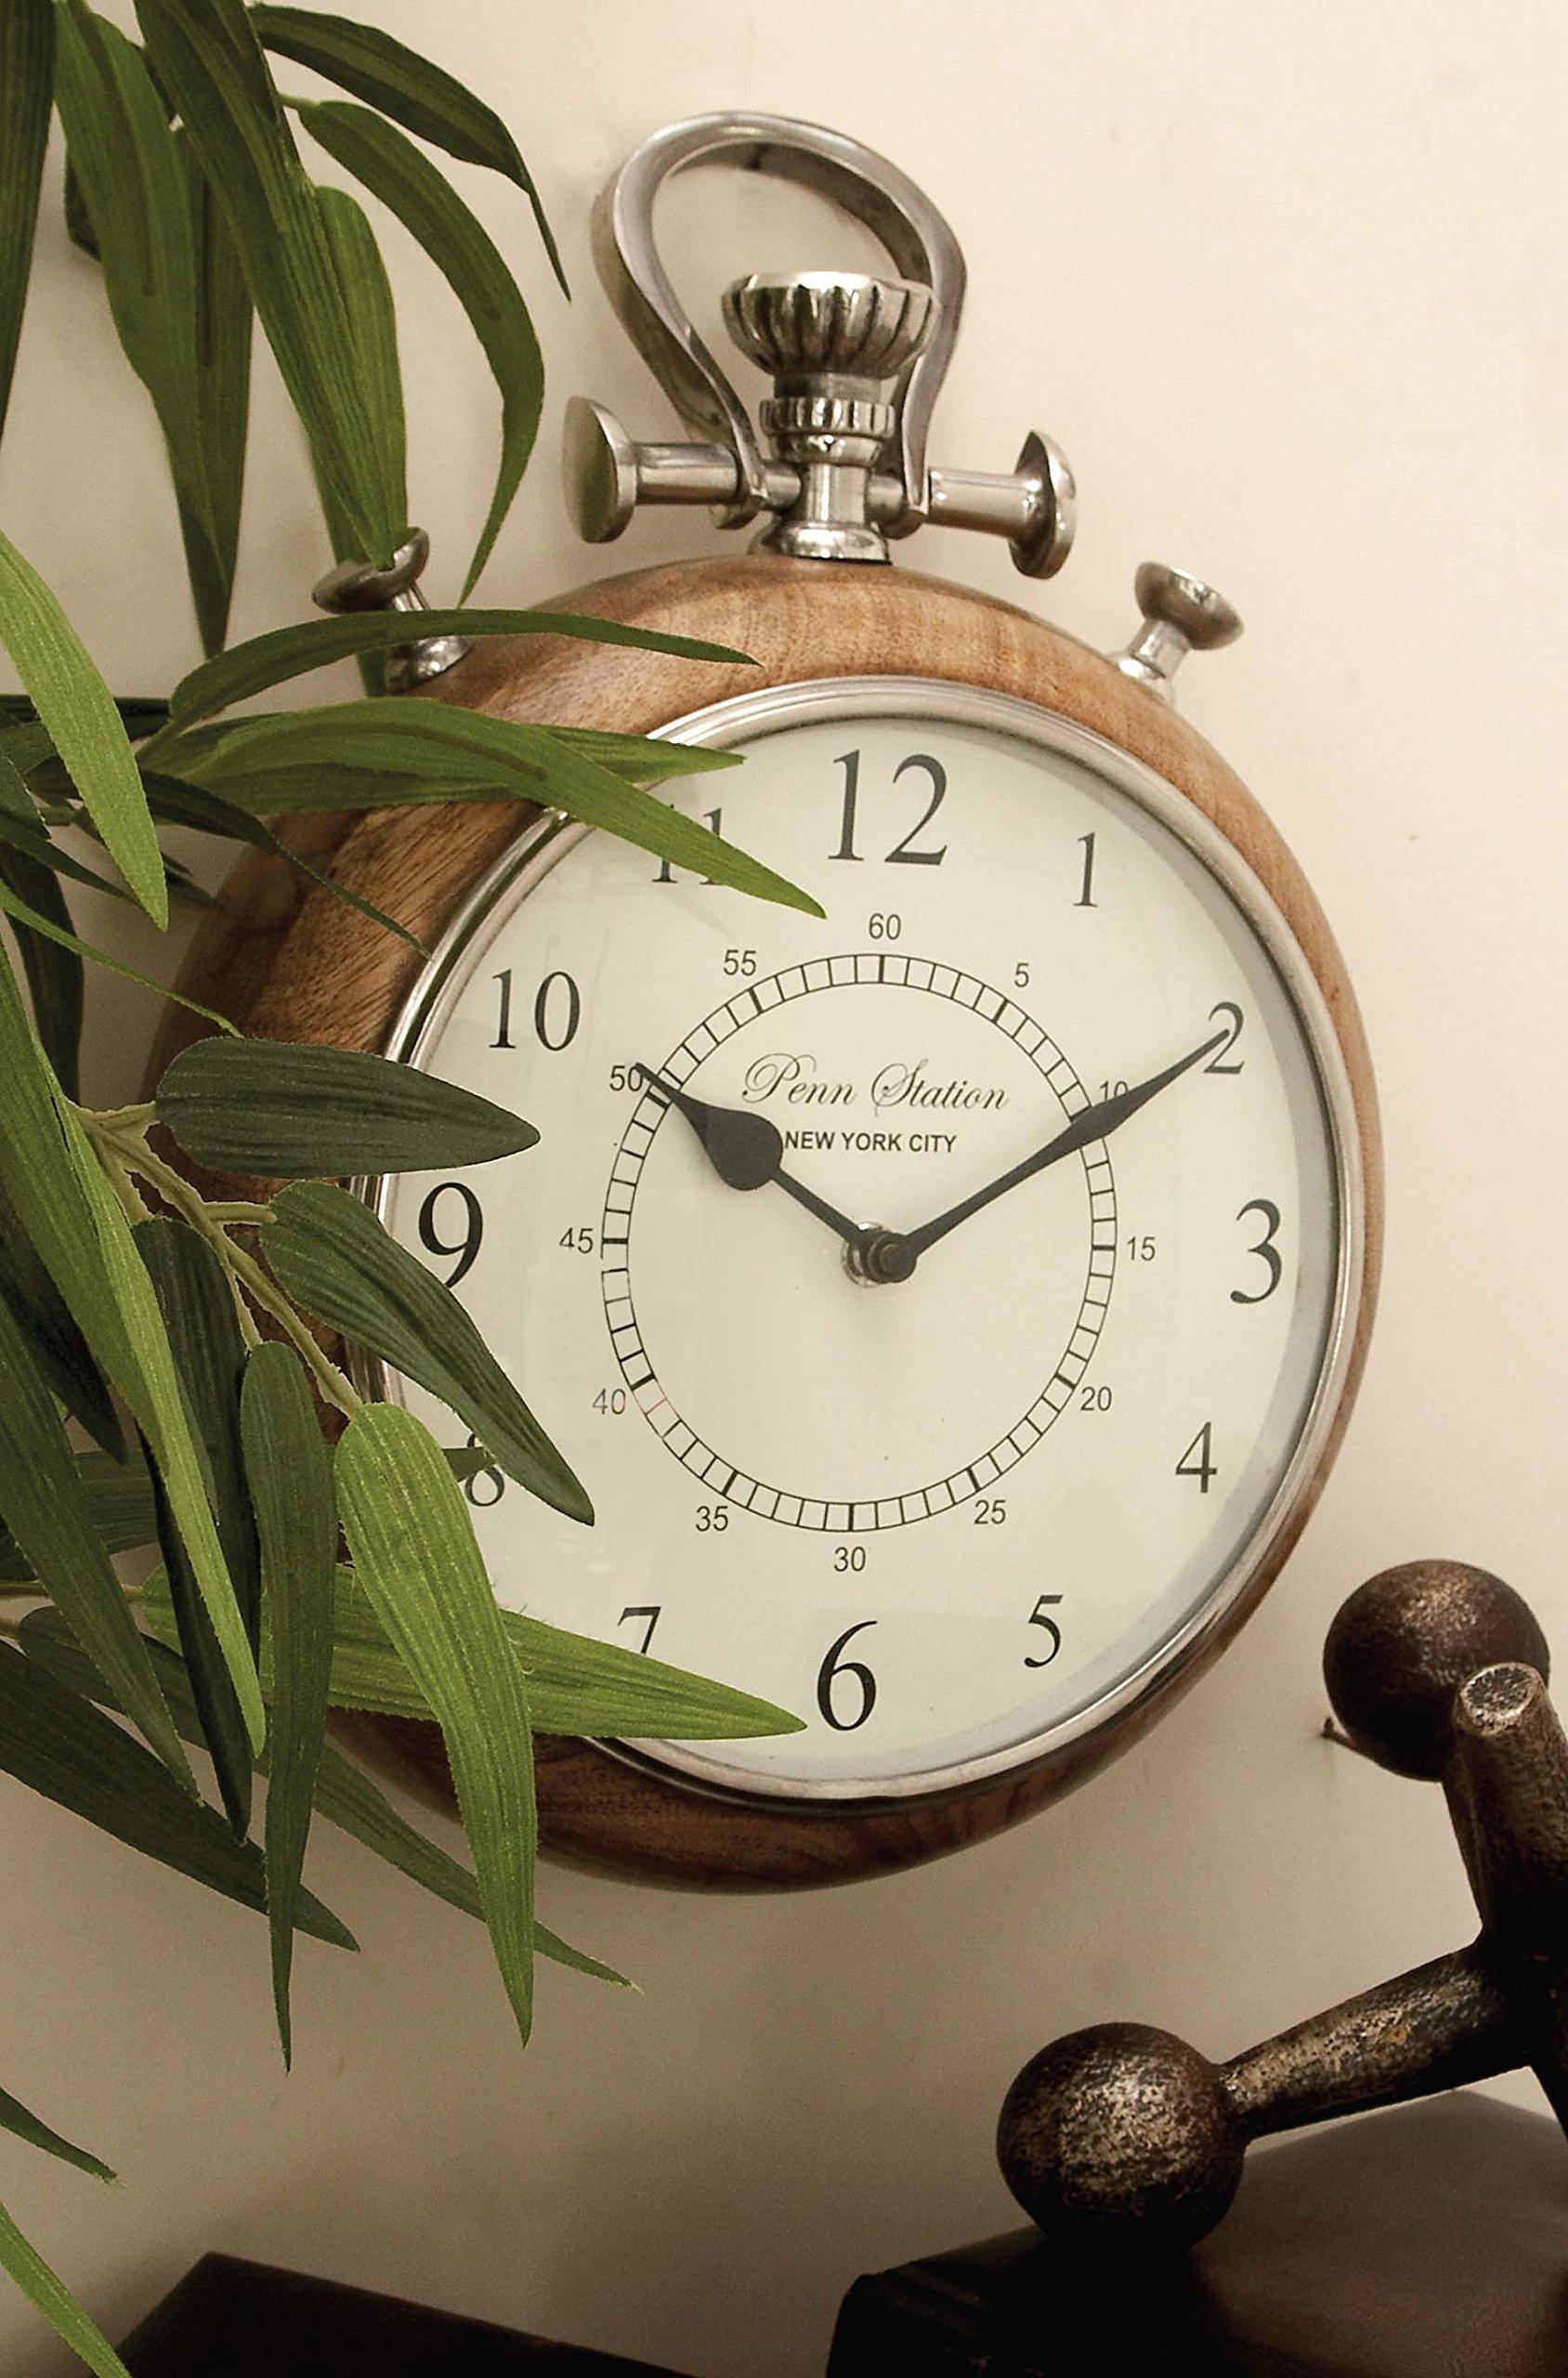 Deco 79 40626 Wood Metal Wall Clock 10'' W, 14'' H